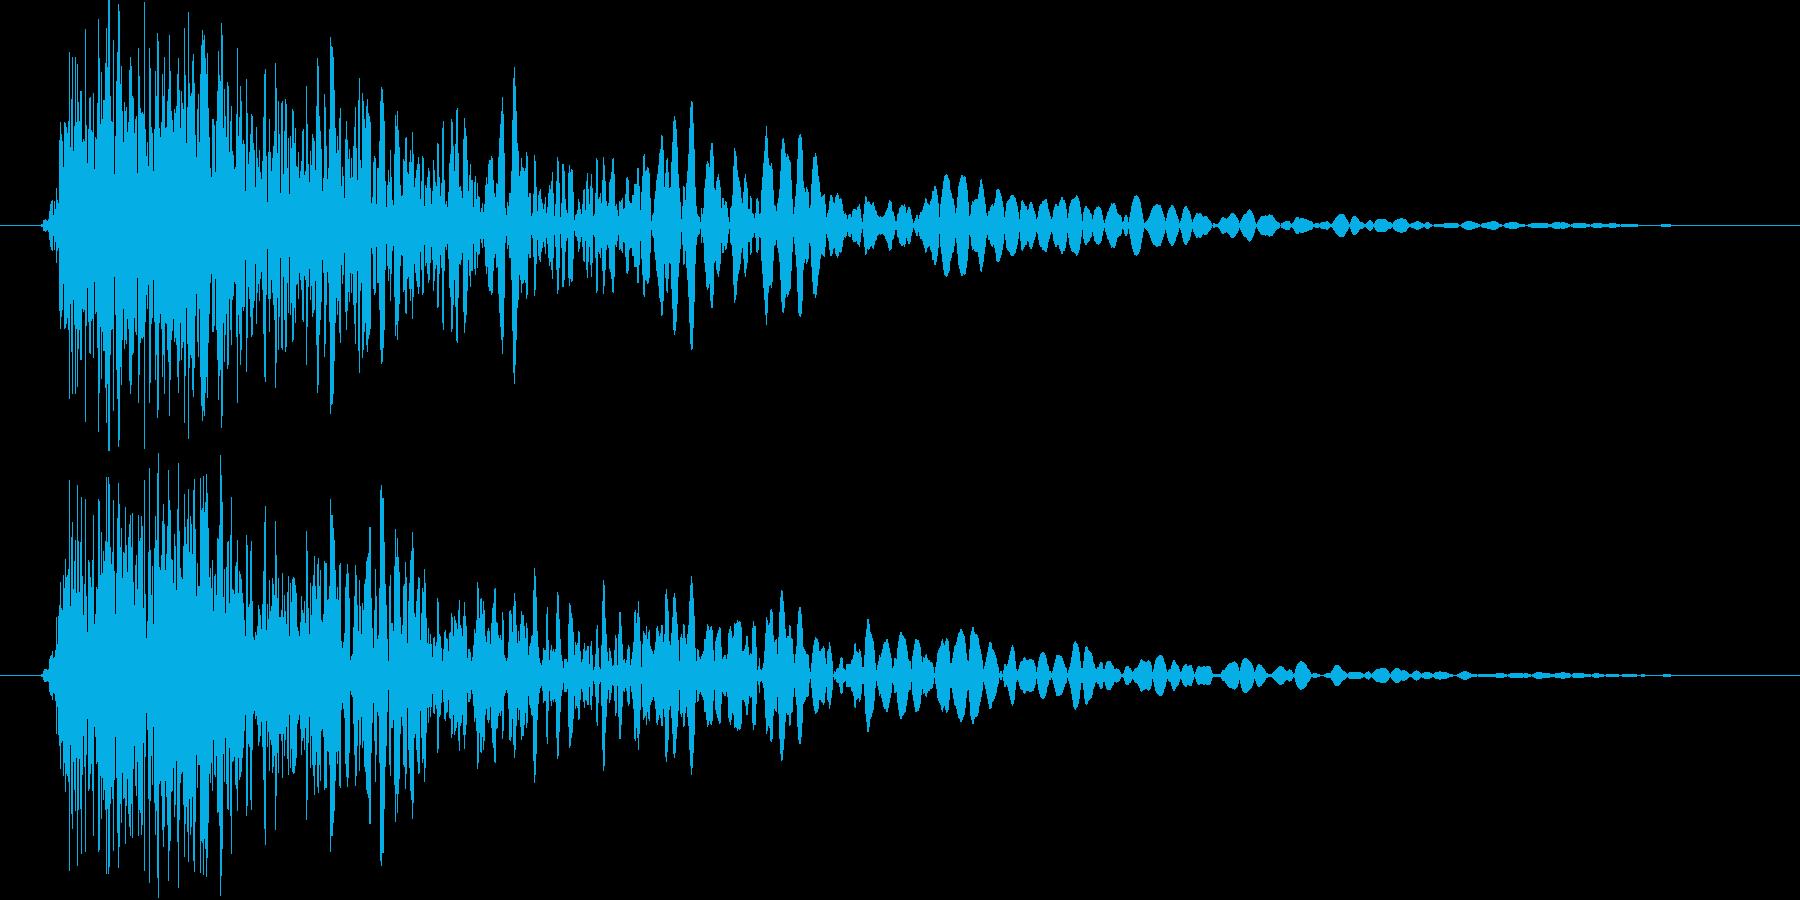 金属 衝撃音の再生済みの波形